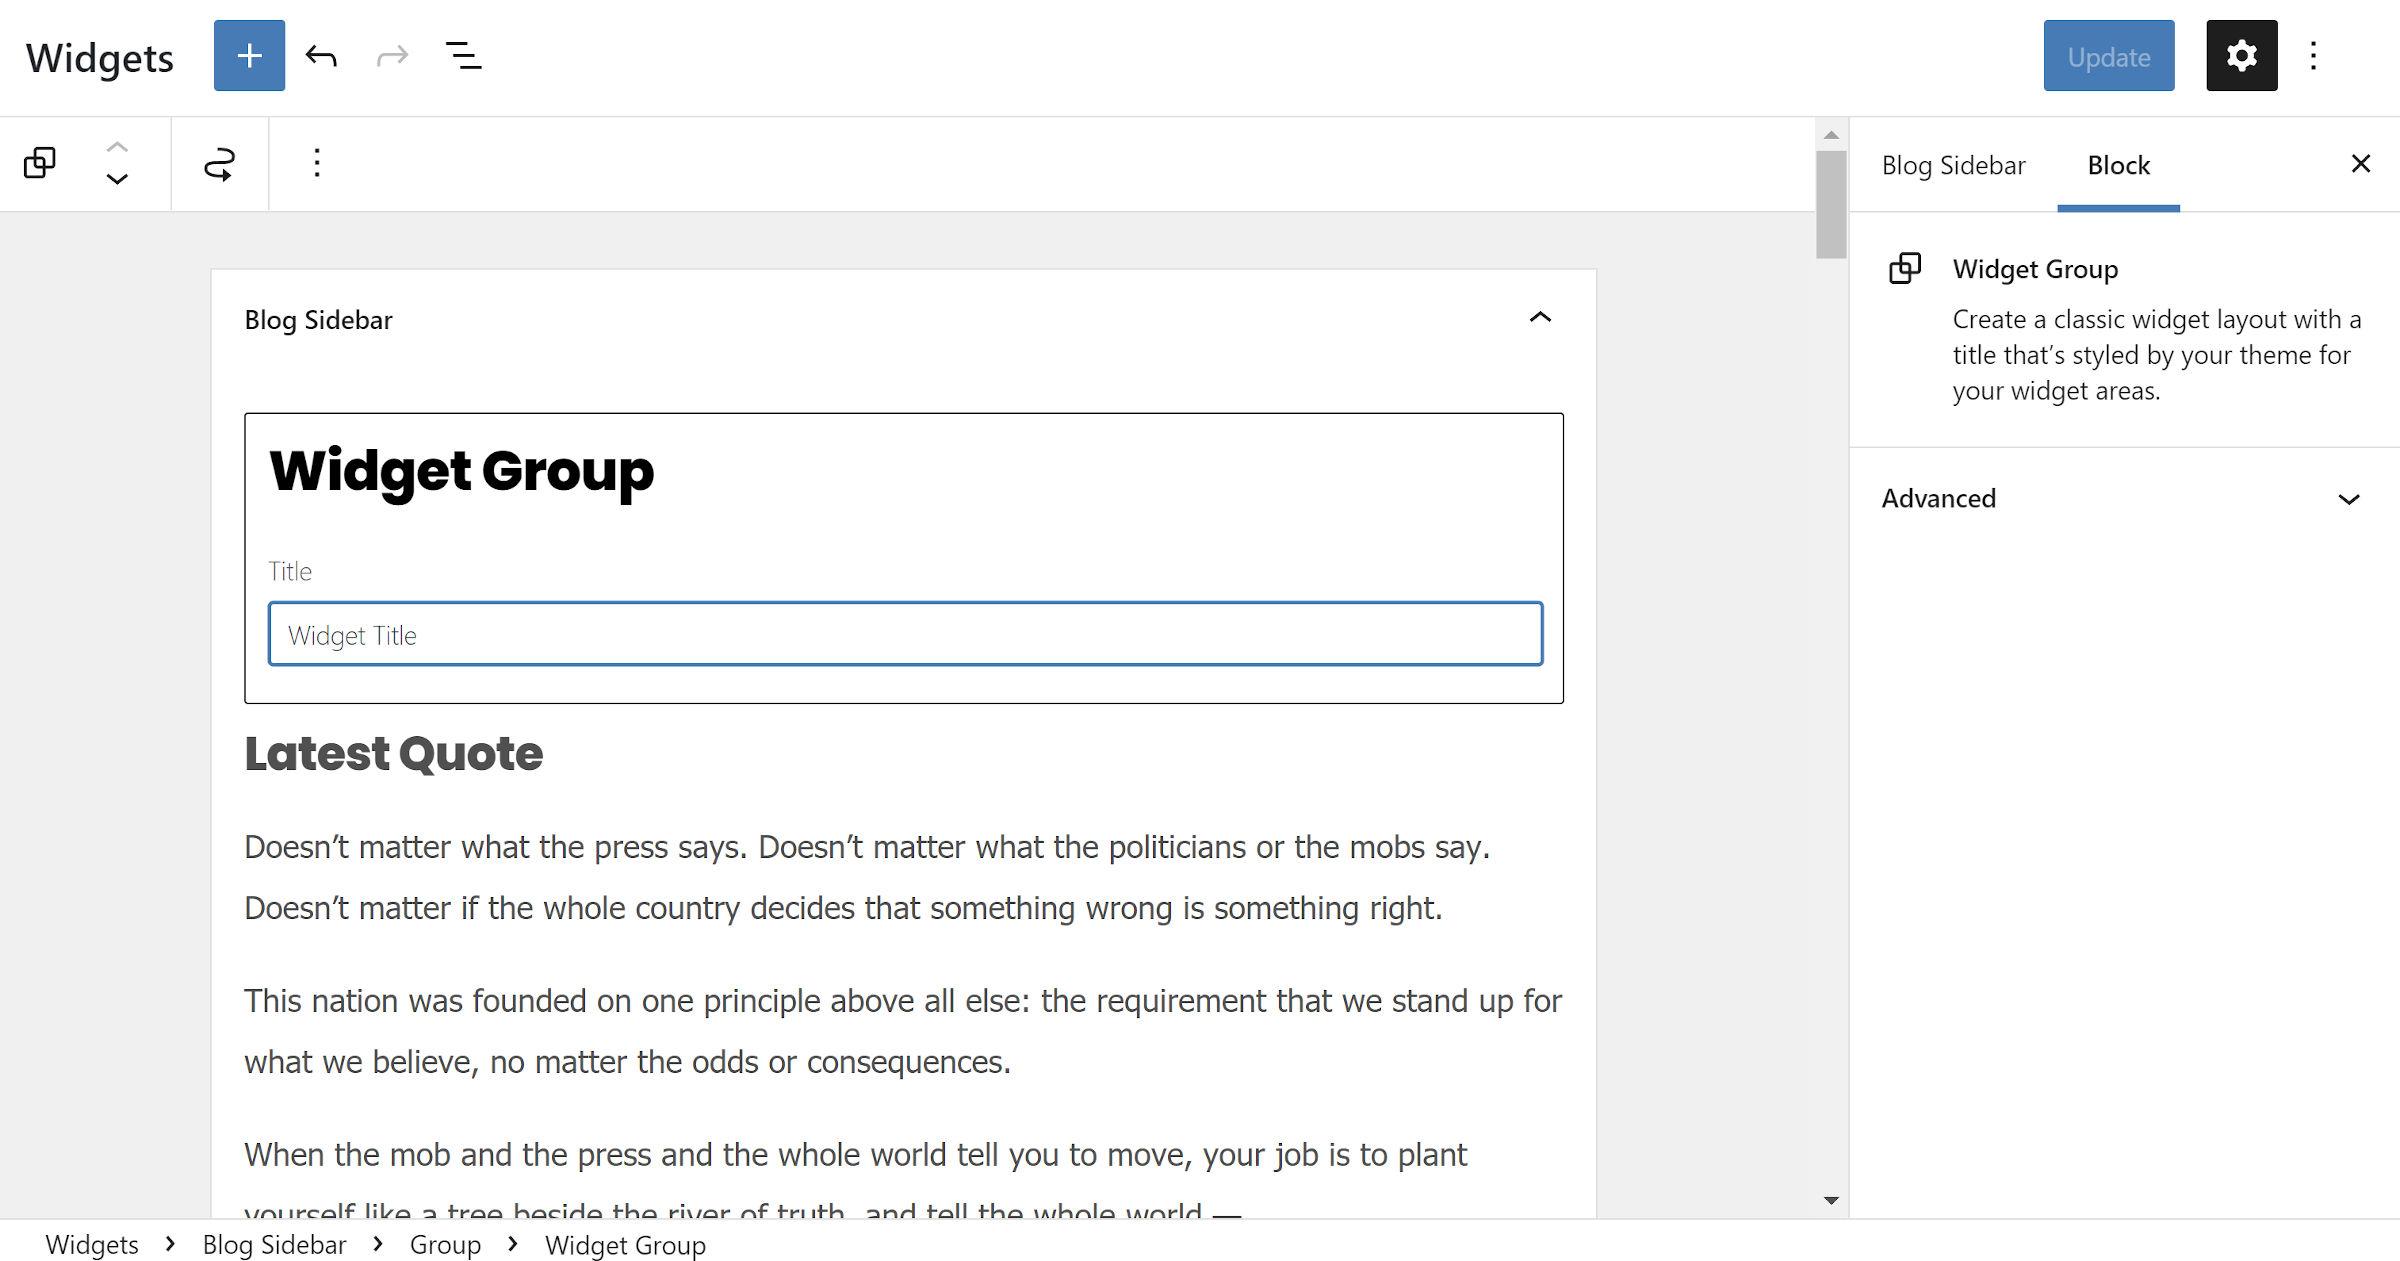 Écran Widgets dans l'administrateur WordPress avec le nouveau bloc Widget Group affiché.